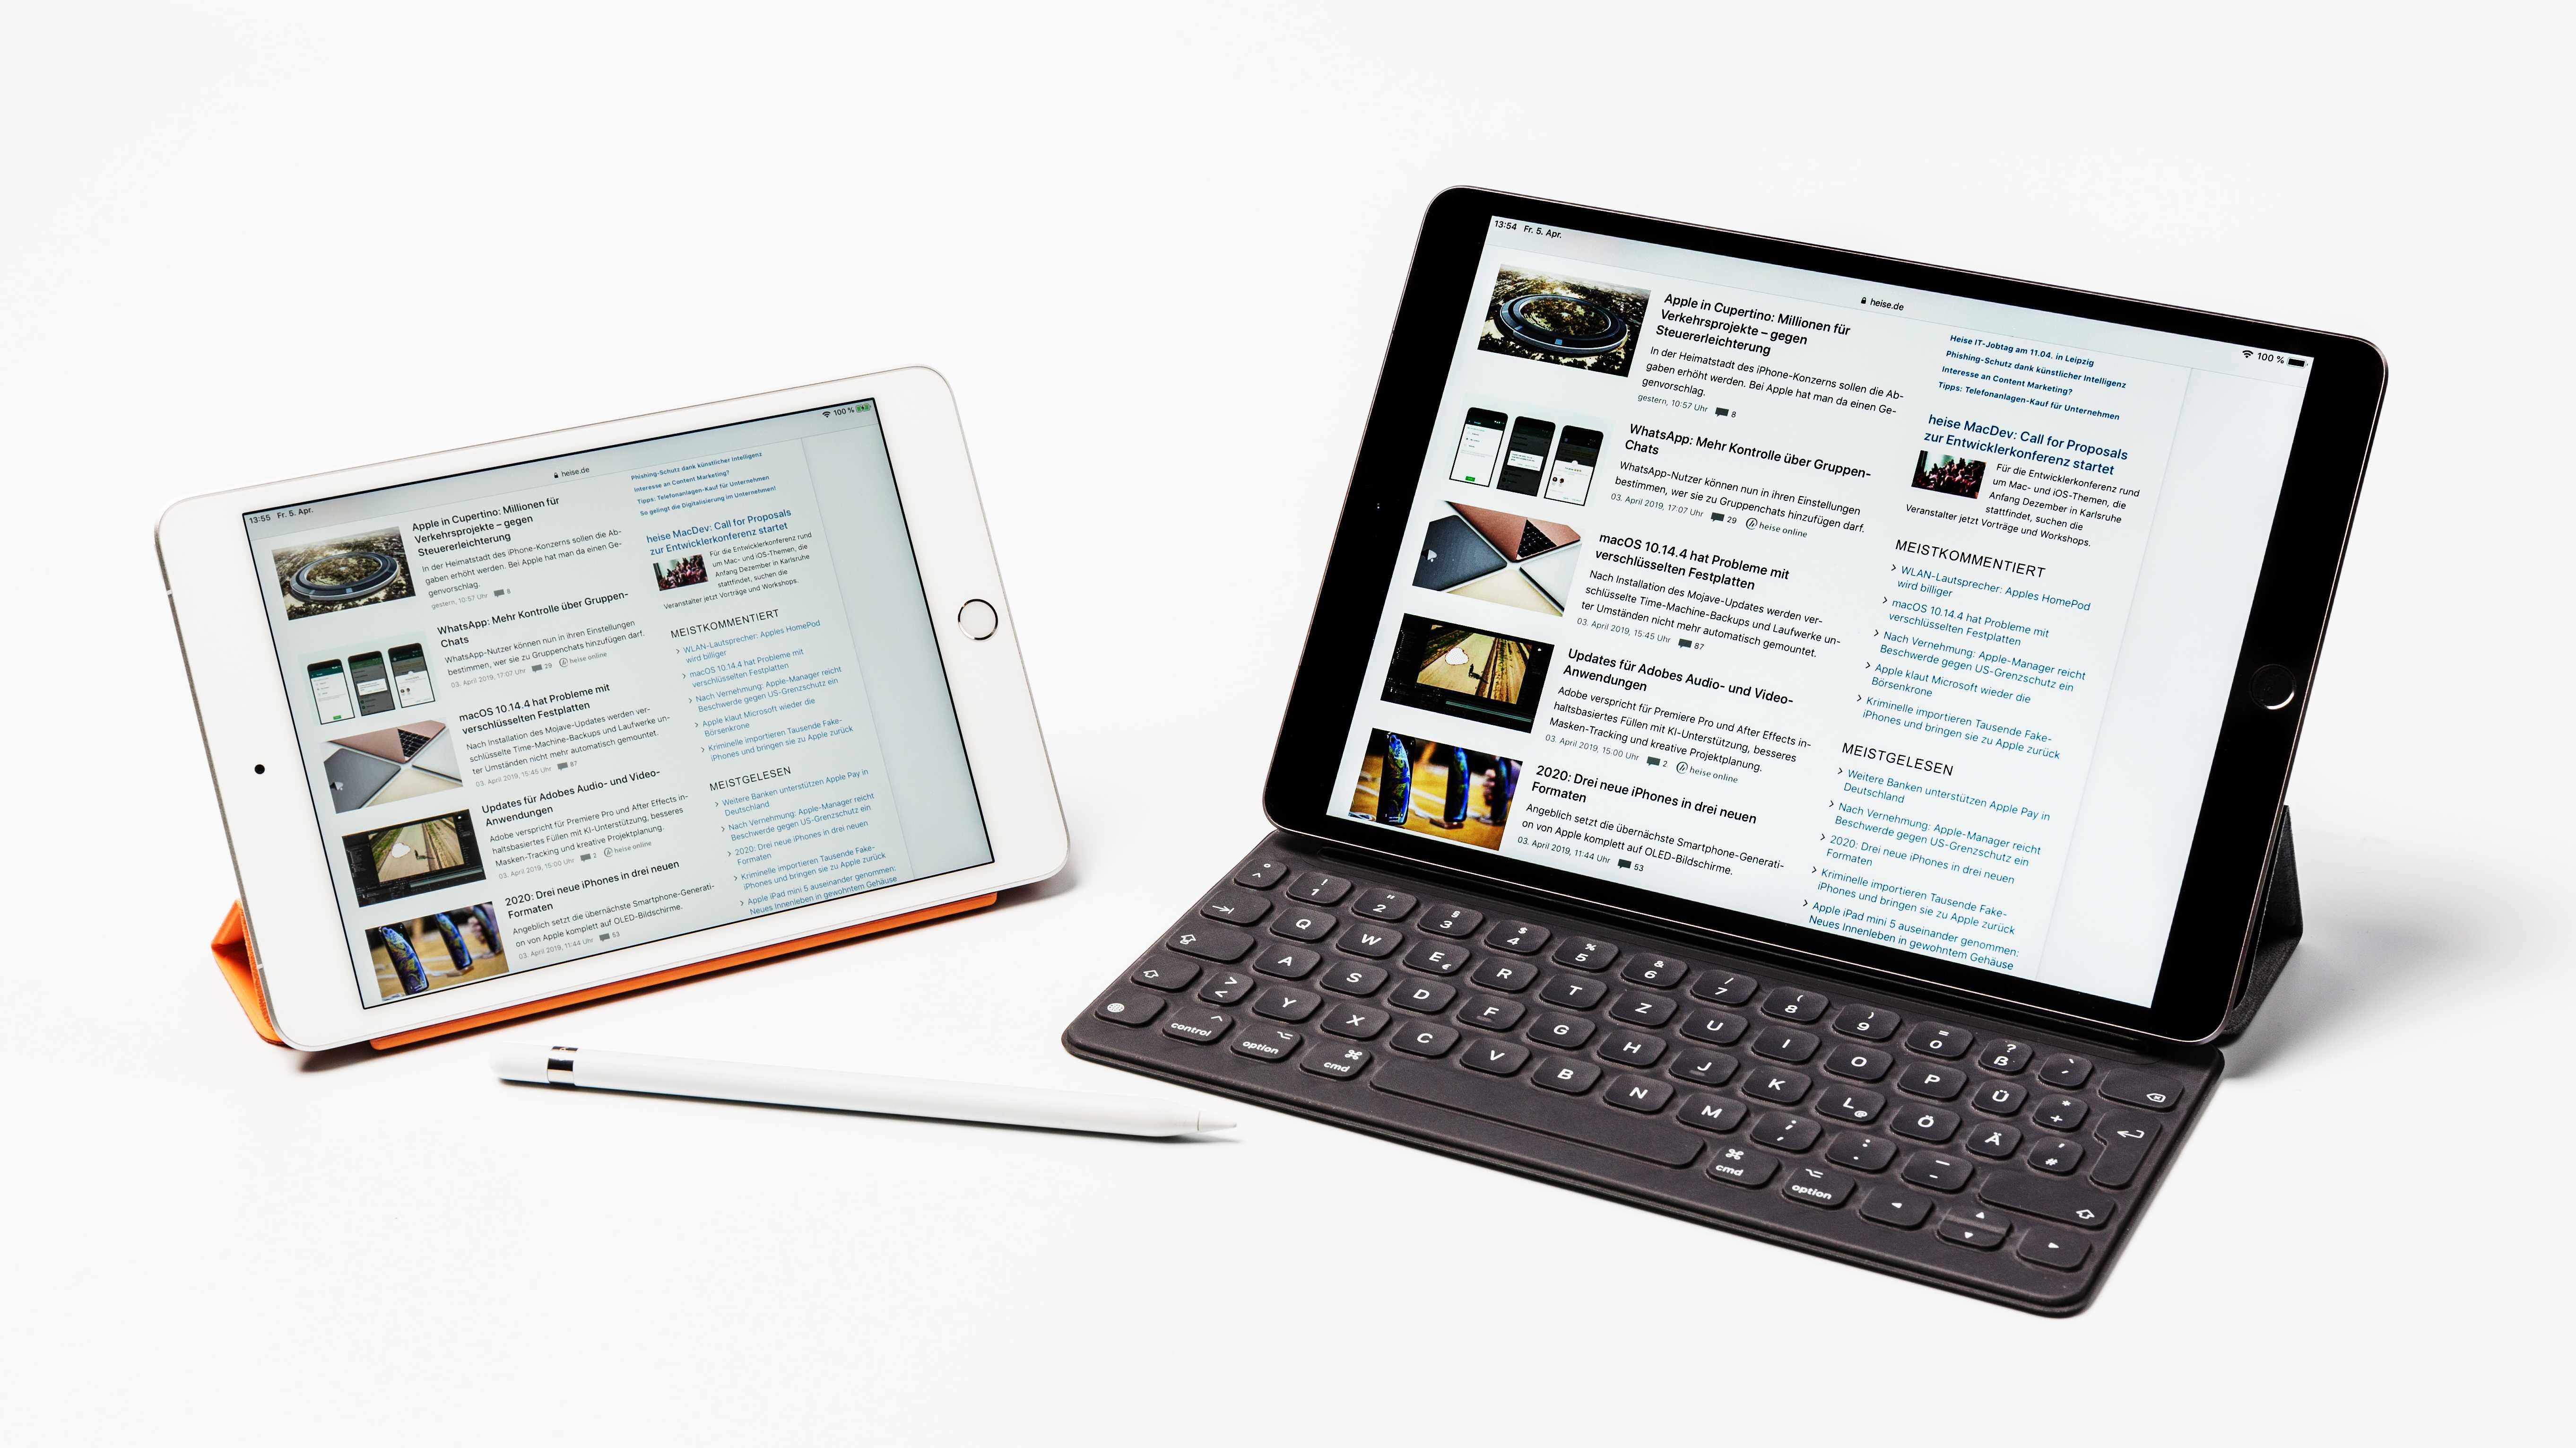 Neue iPads im Test: Die wichtigsten Ergebnisse